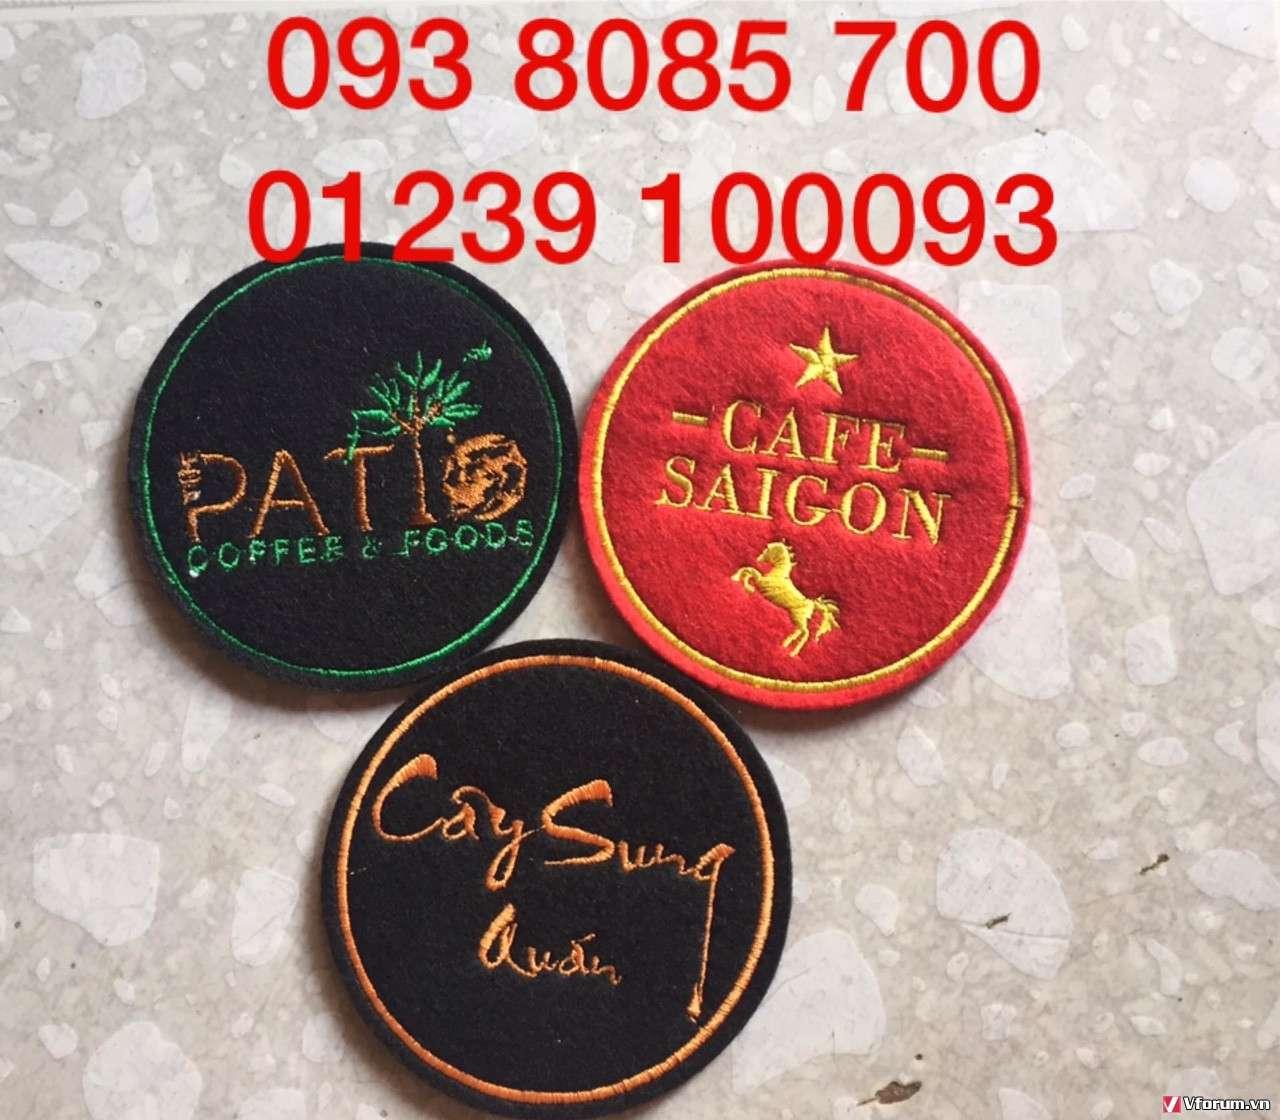 Nơi sản xuất, cung cấp lót ly vải nỉ, lót ly giấy, lót ly nhựa PVC theo yêu cầu 0938085700